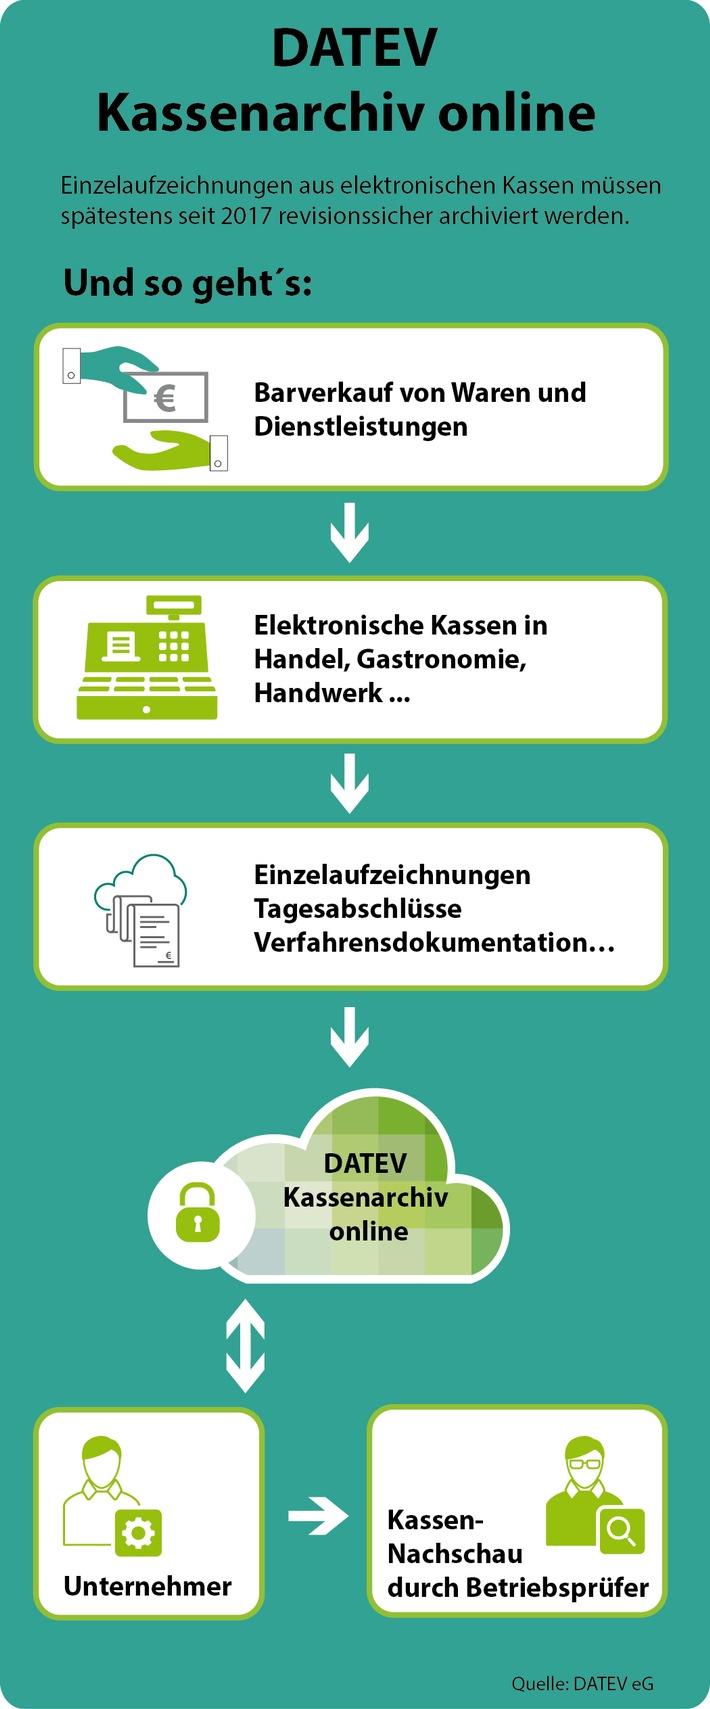 Grünes Licht für Datev Kassenarchiv online / Einfache Portallösung ...